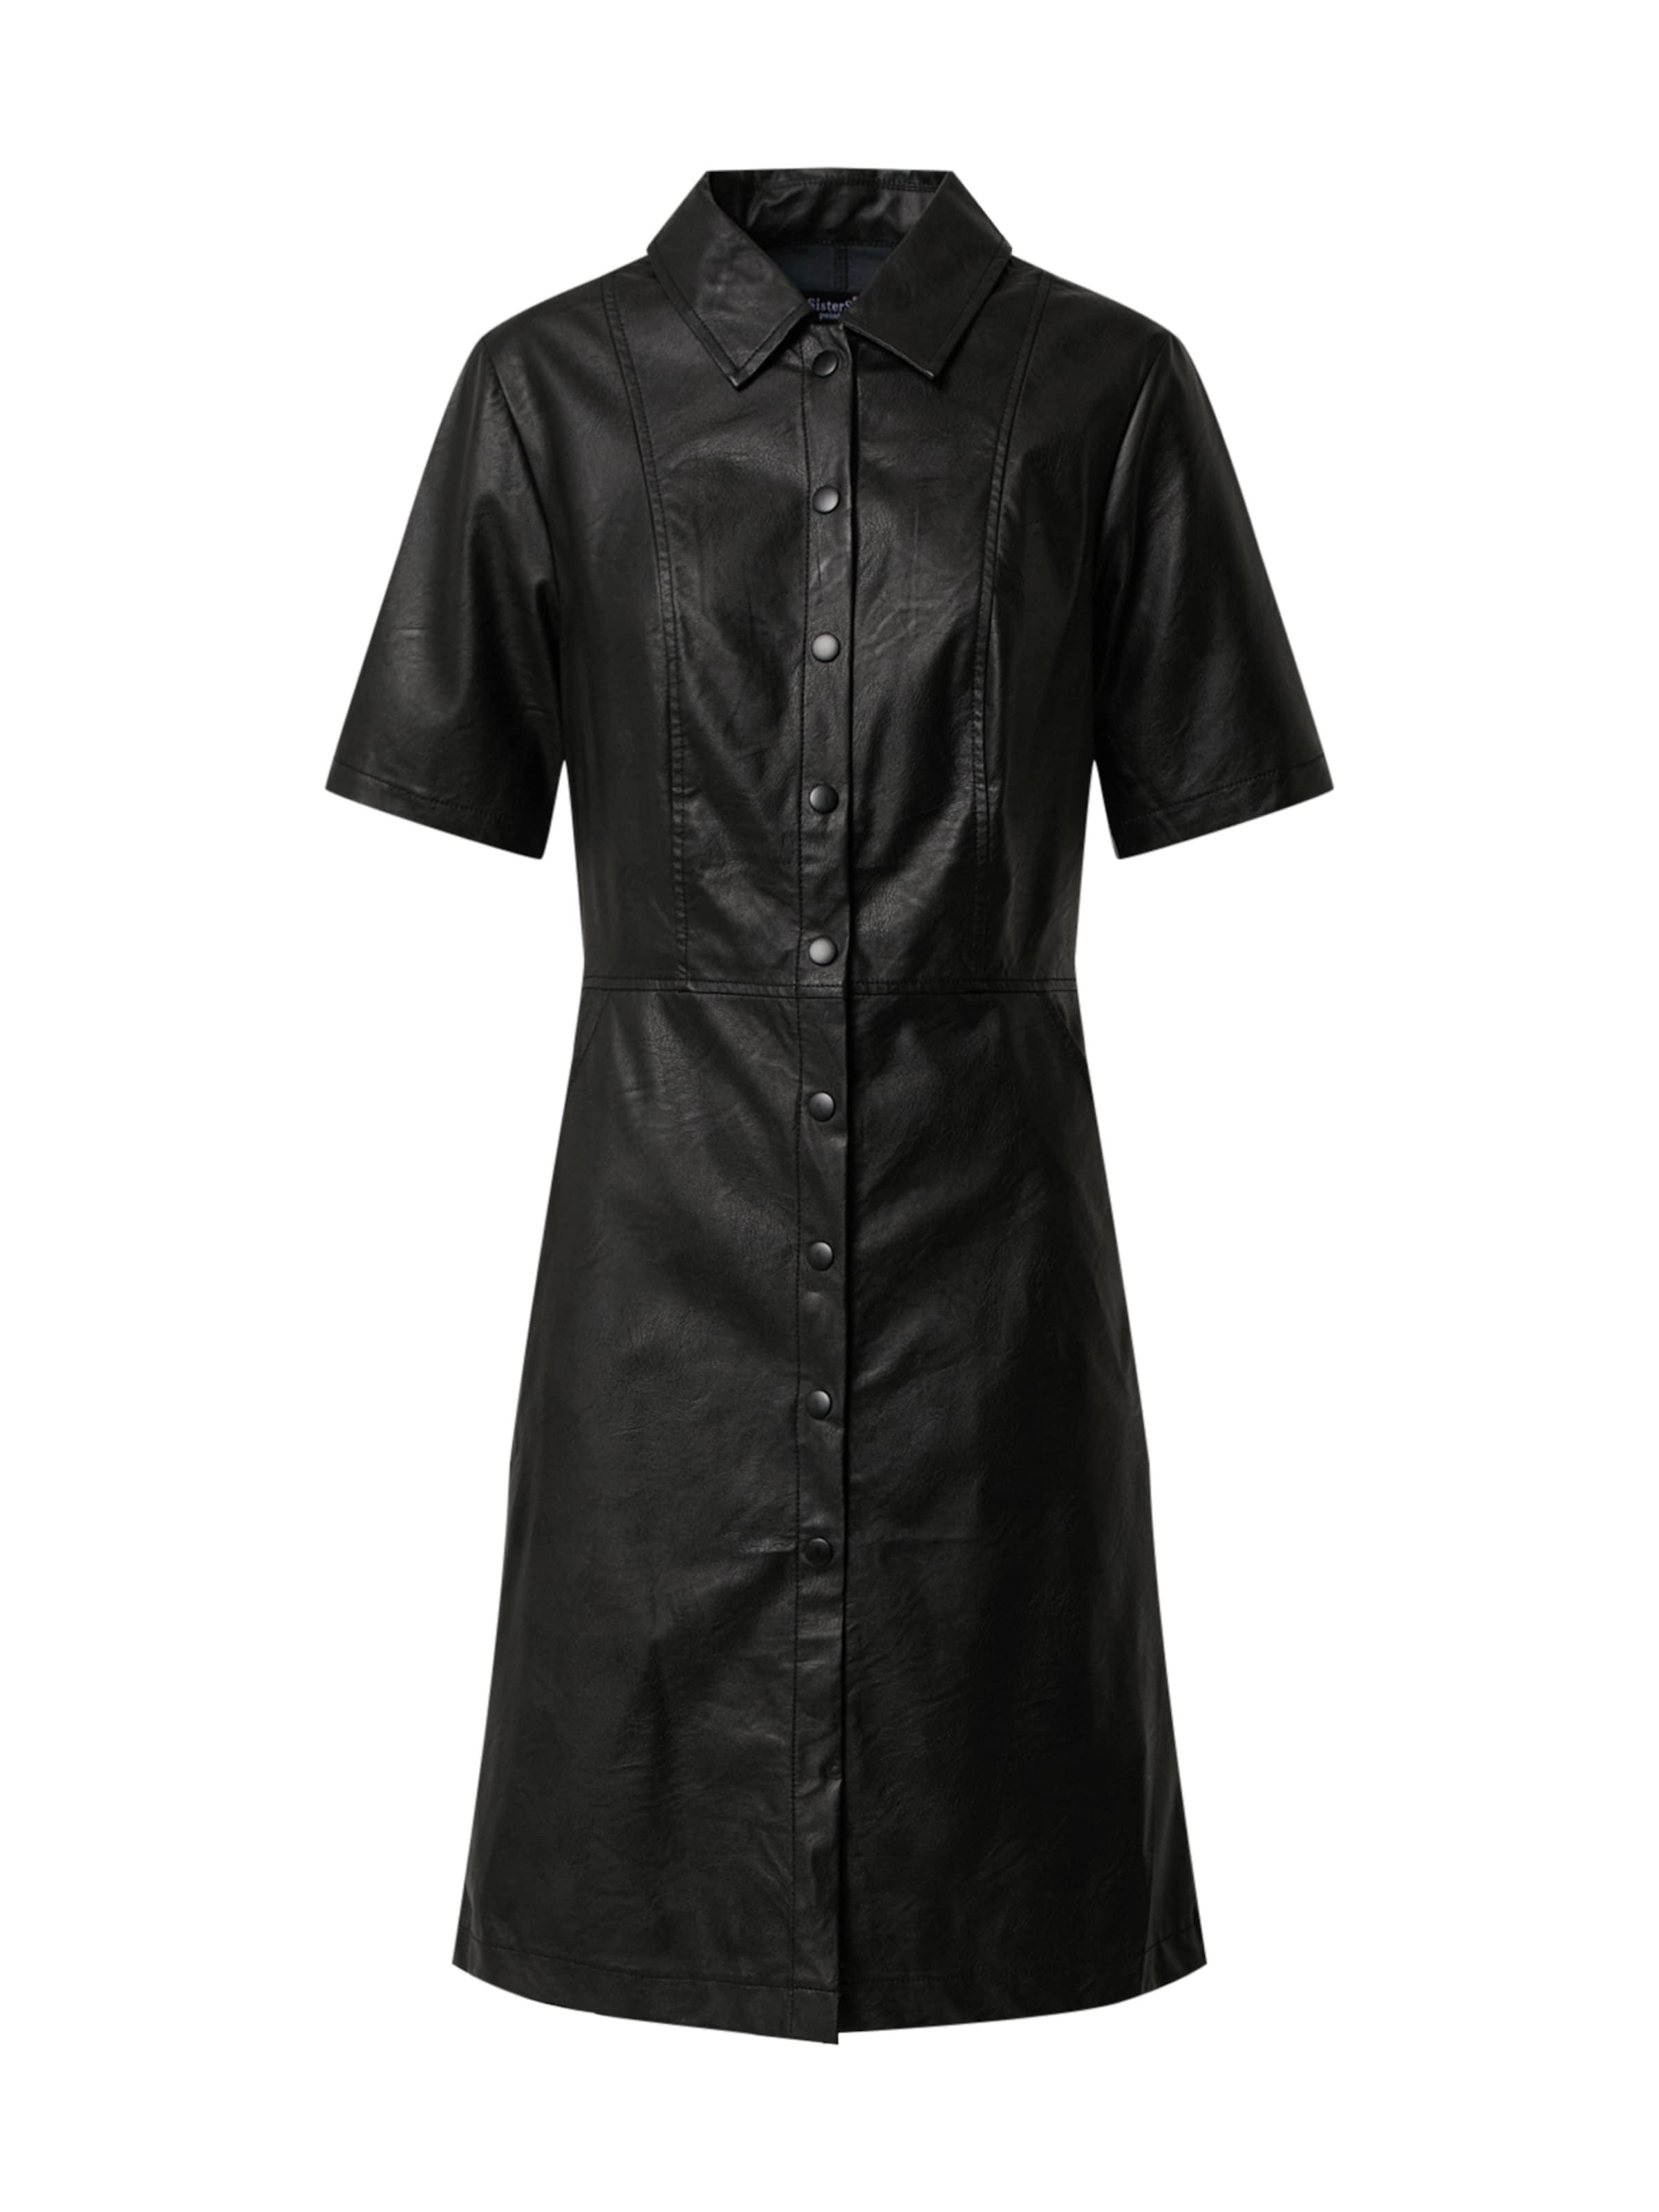 SISTERS POINT Skjortklänning i svart